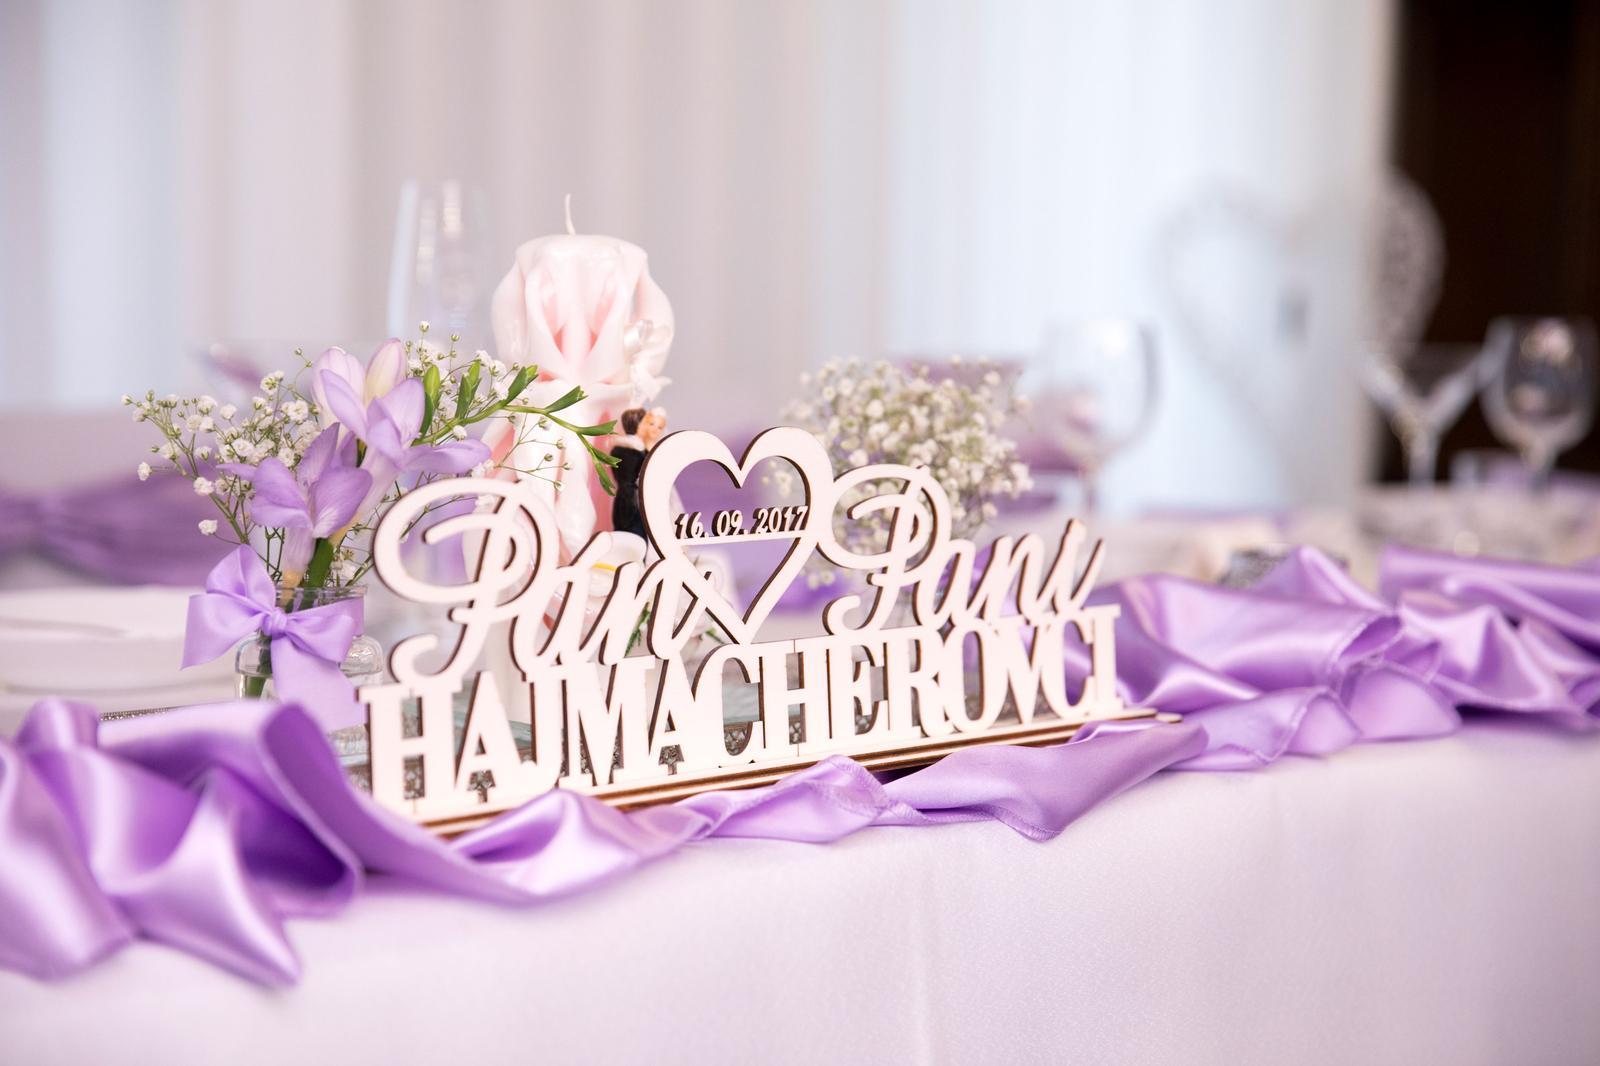 Originální Svatební Doplňky - foto stojánku ze svadbičky spokojených zákazníků - děkujeme